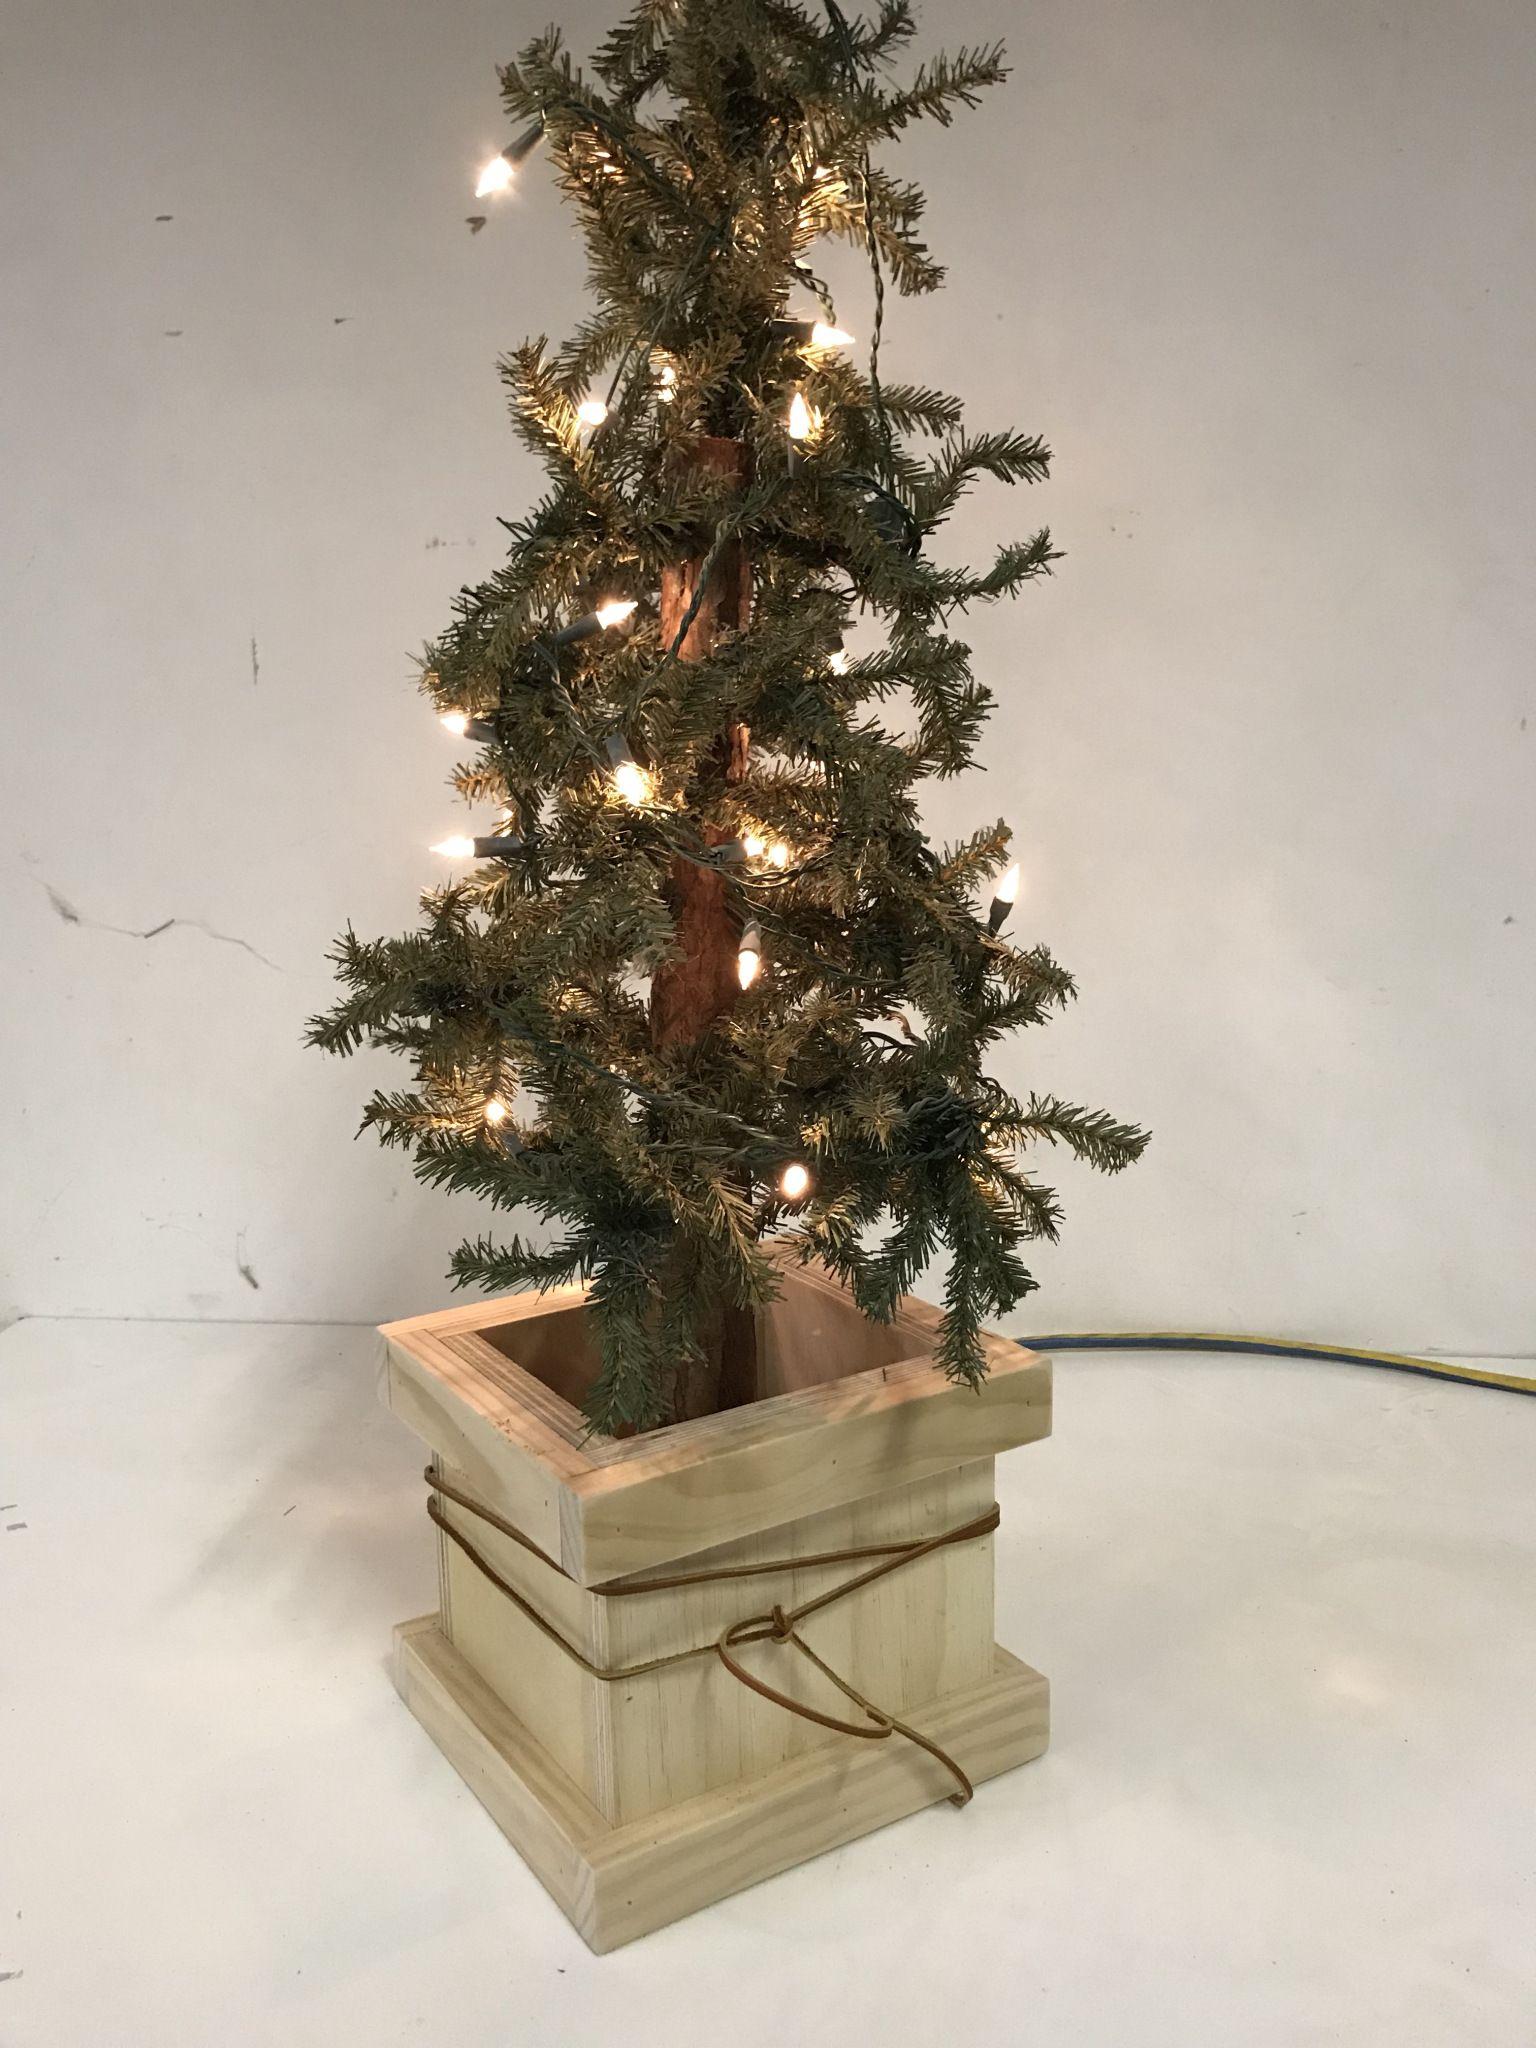 Diy Christmas Tree Box Christmas Tree Box Diy Christmas Tree Tree Box